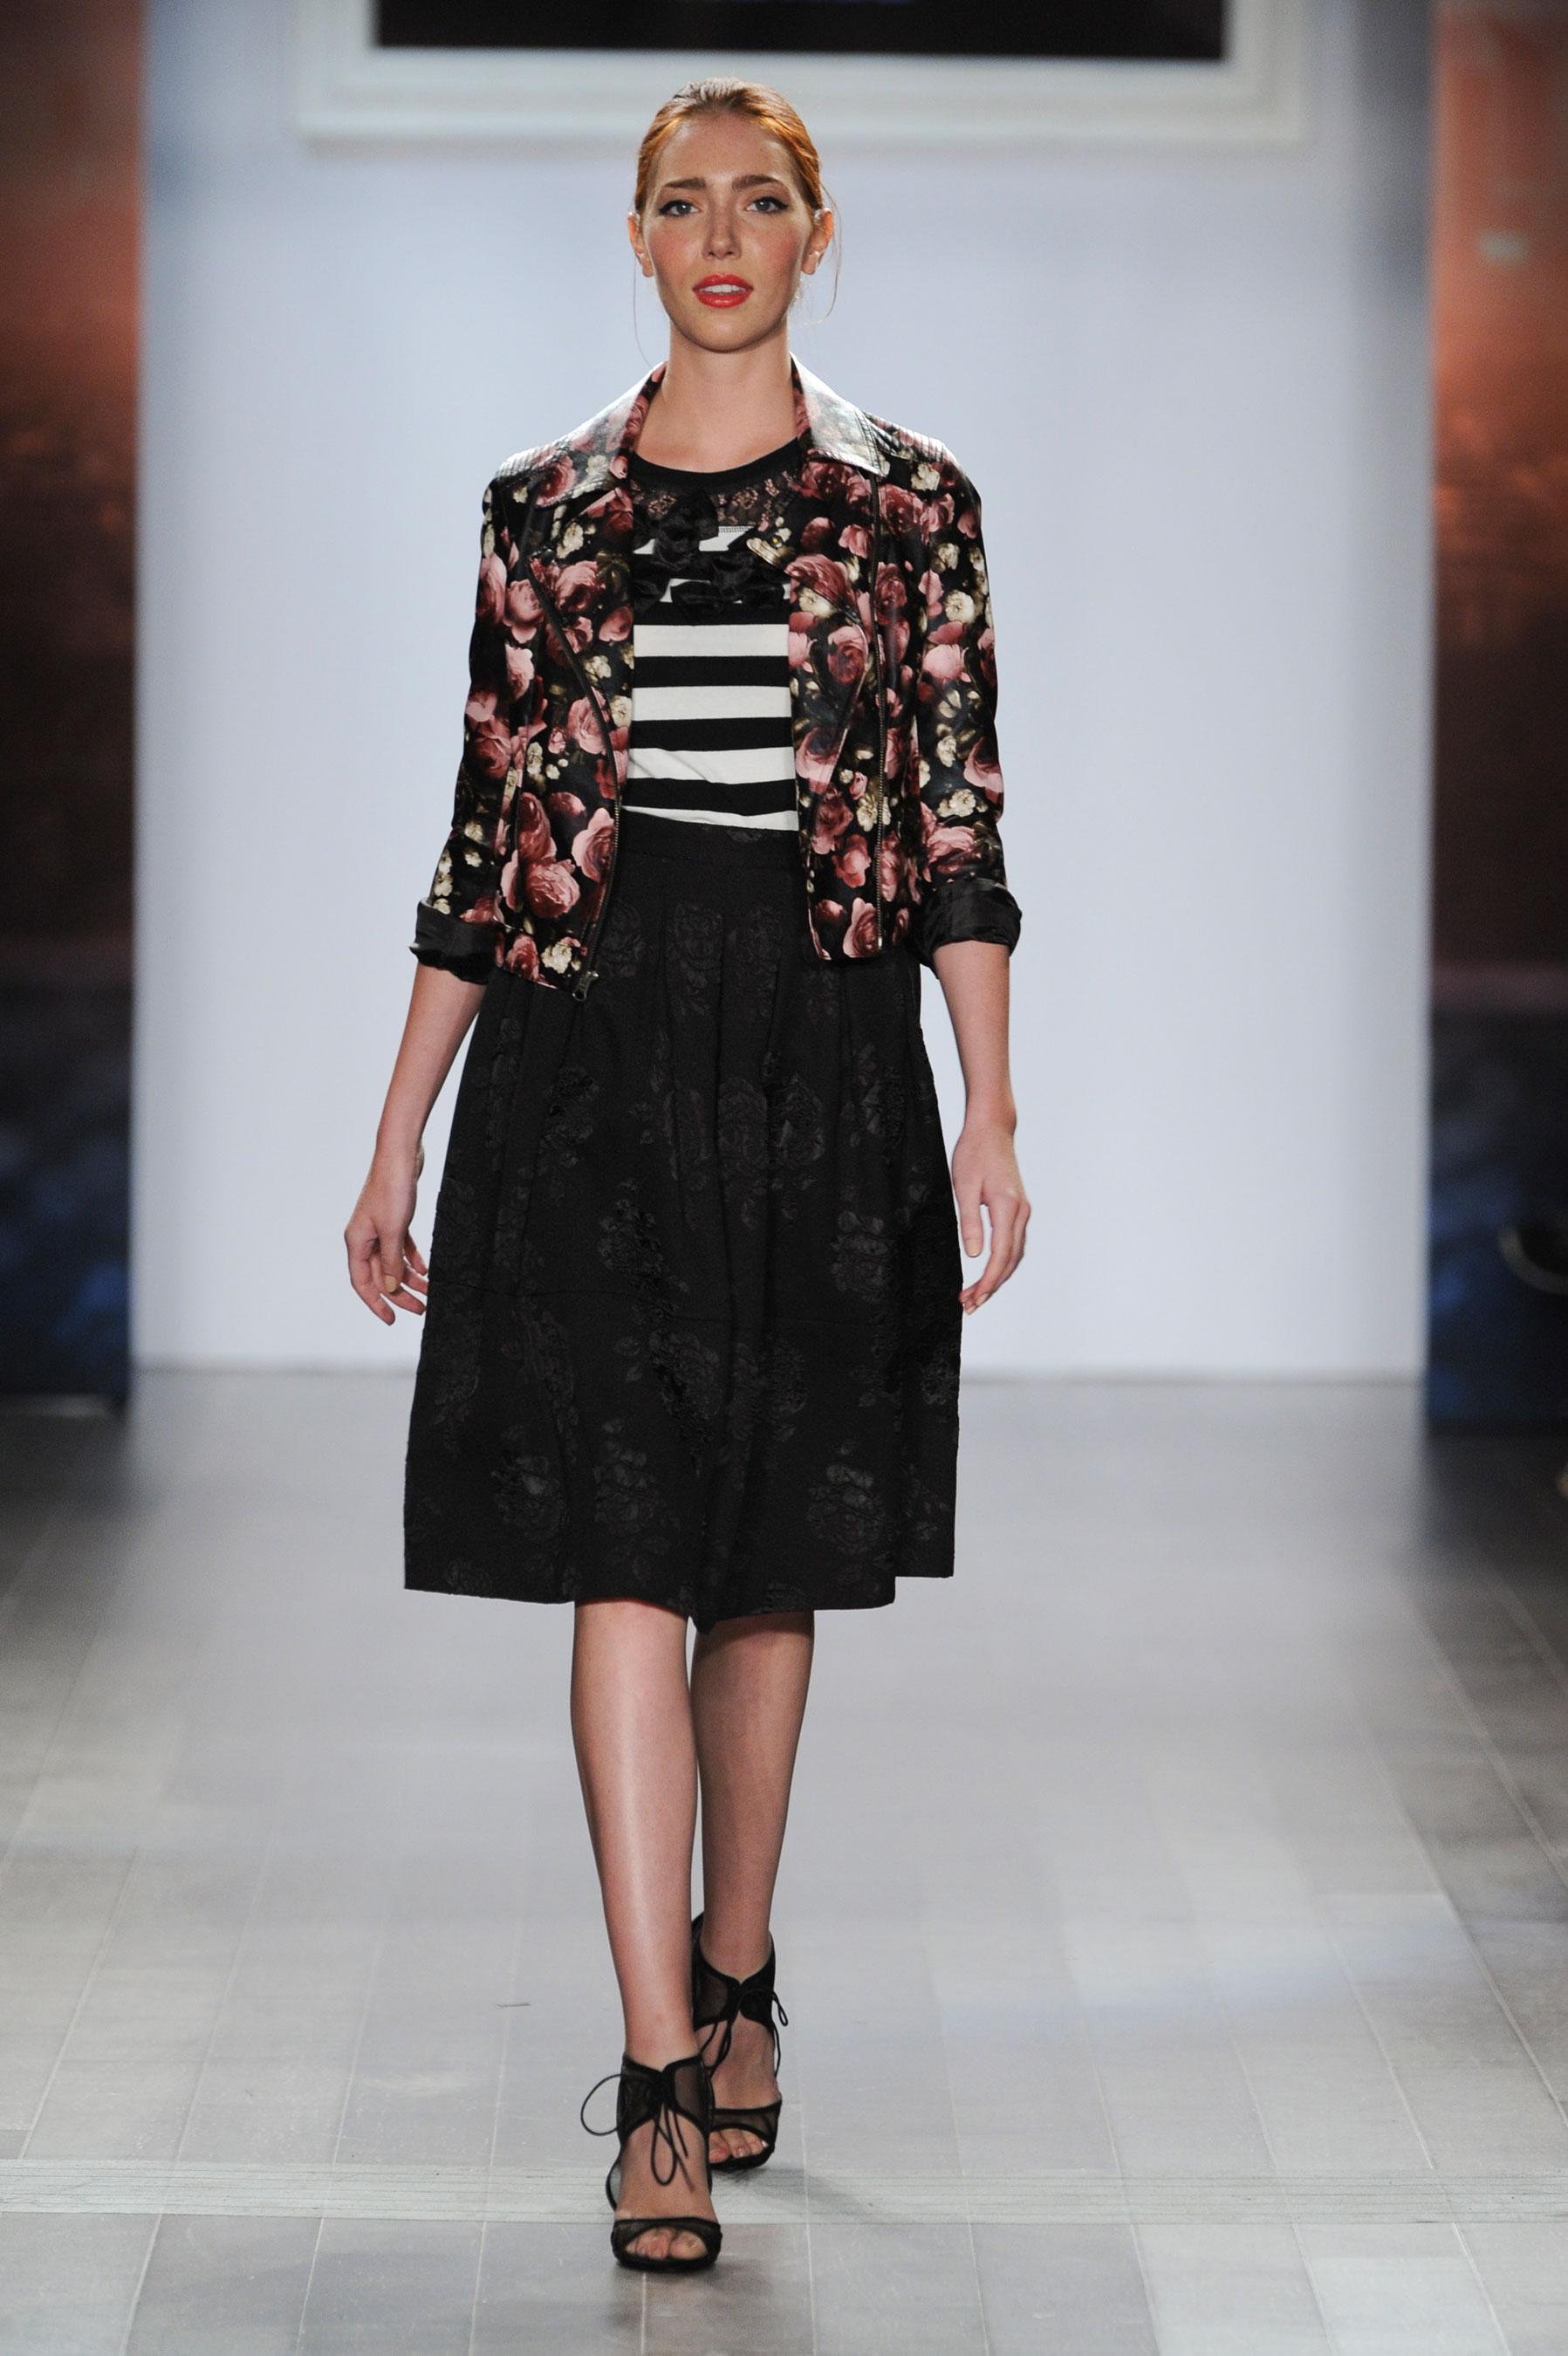 ... Défilé Elle Runway Collection Prêt-à-porter Printemps-été 2015 photo 17  ... 56d5608d4a0